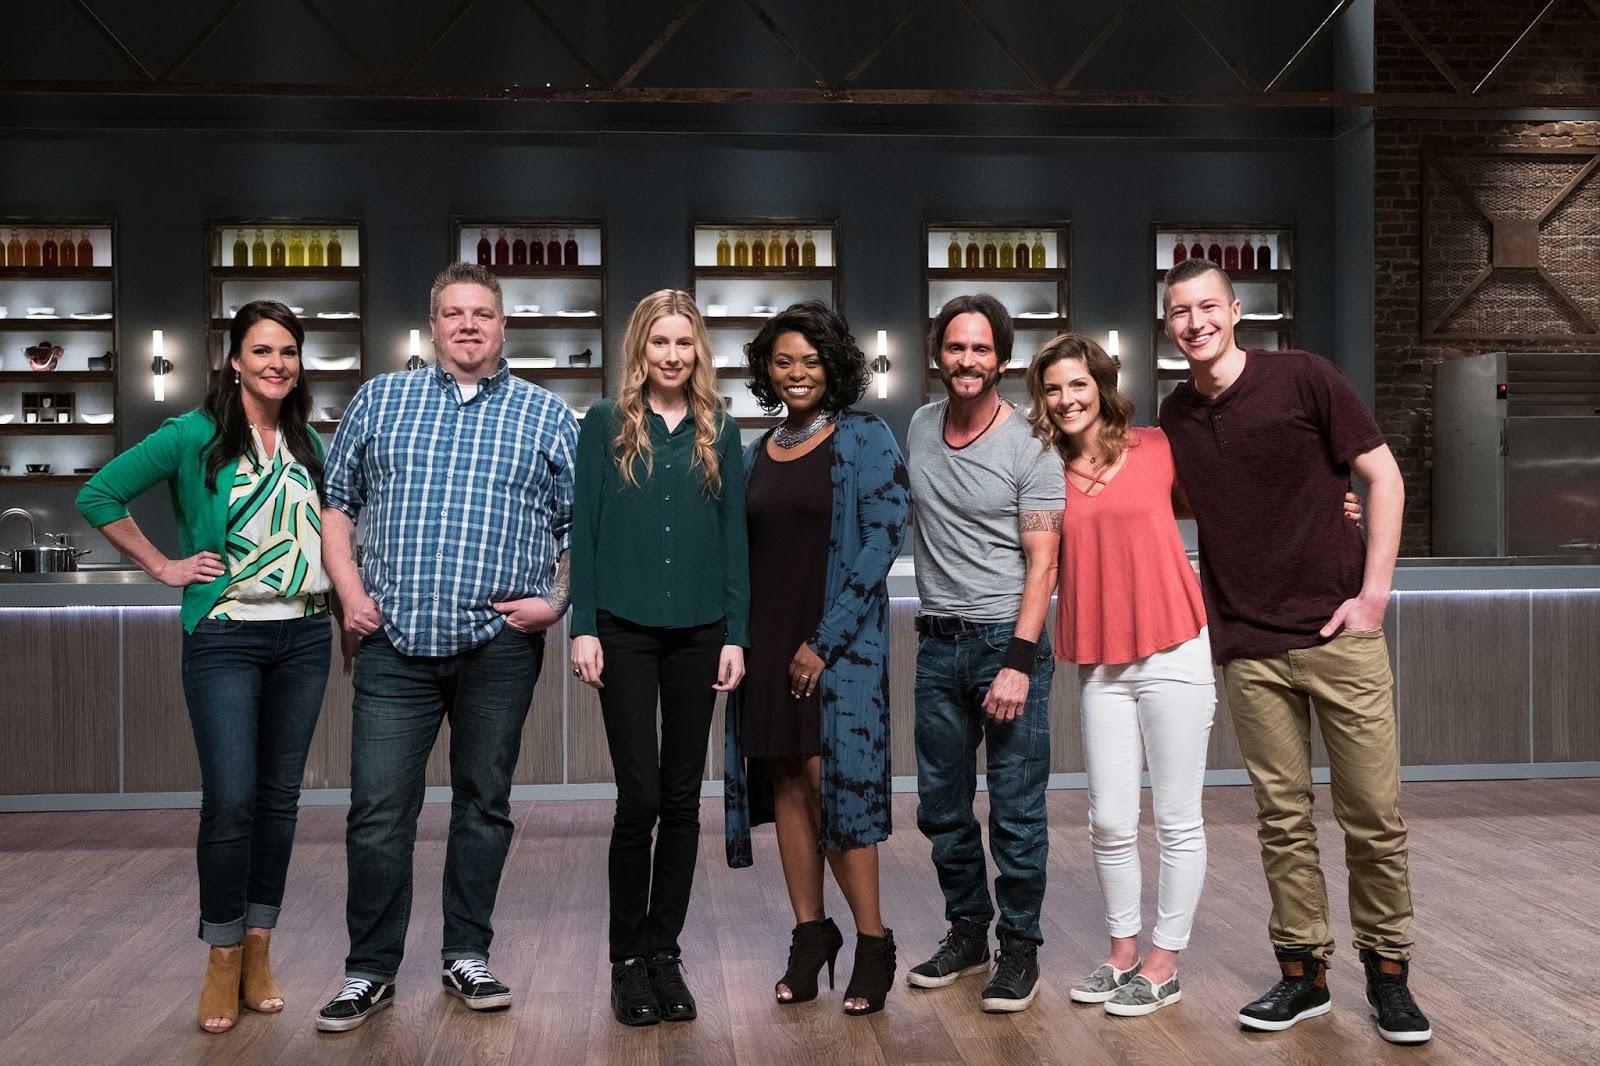 Food Network Gossip Food Network Star Season 13 Premieres In June